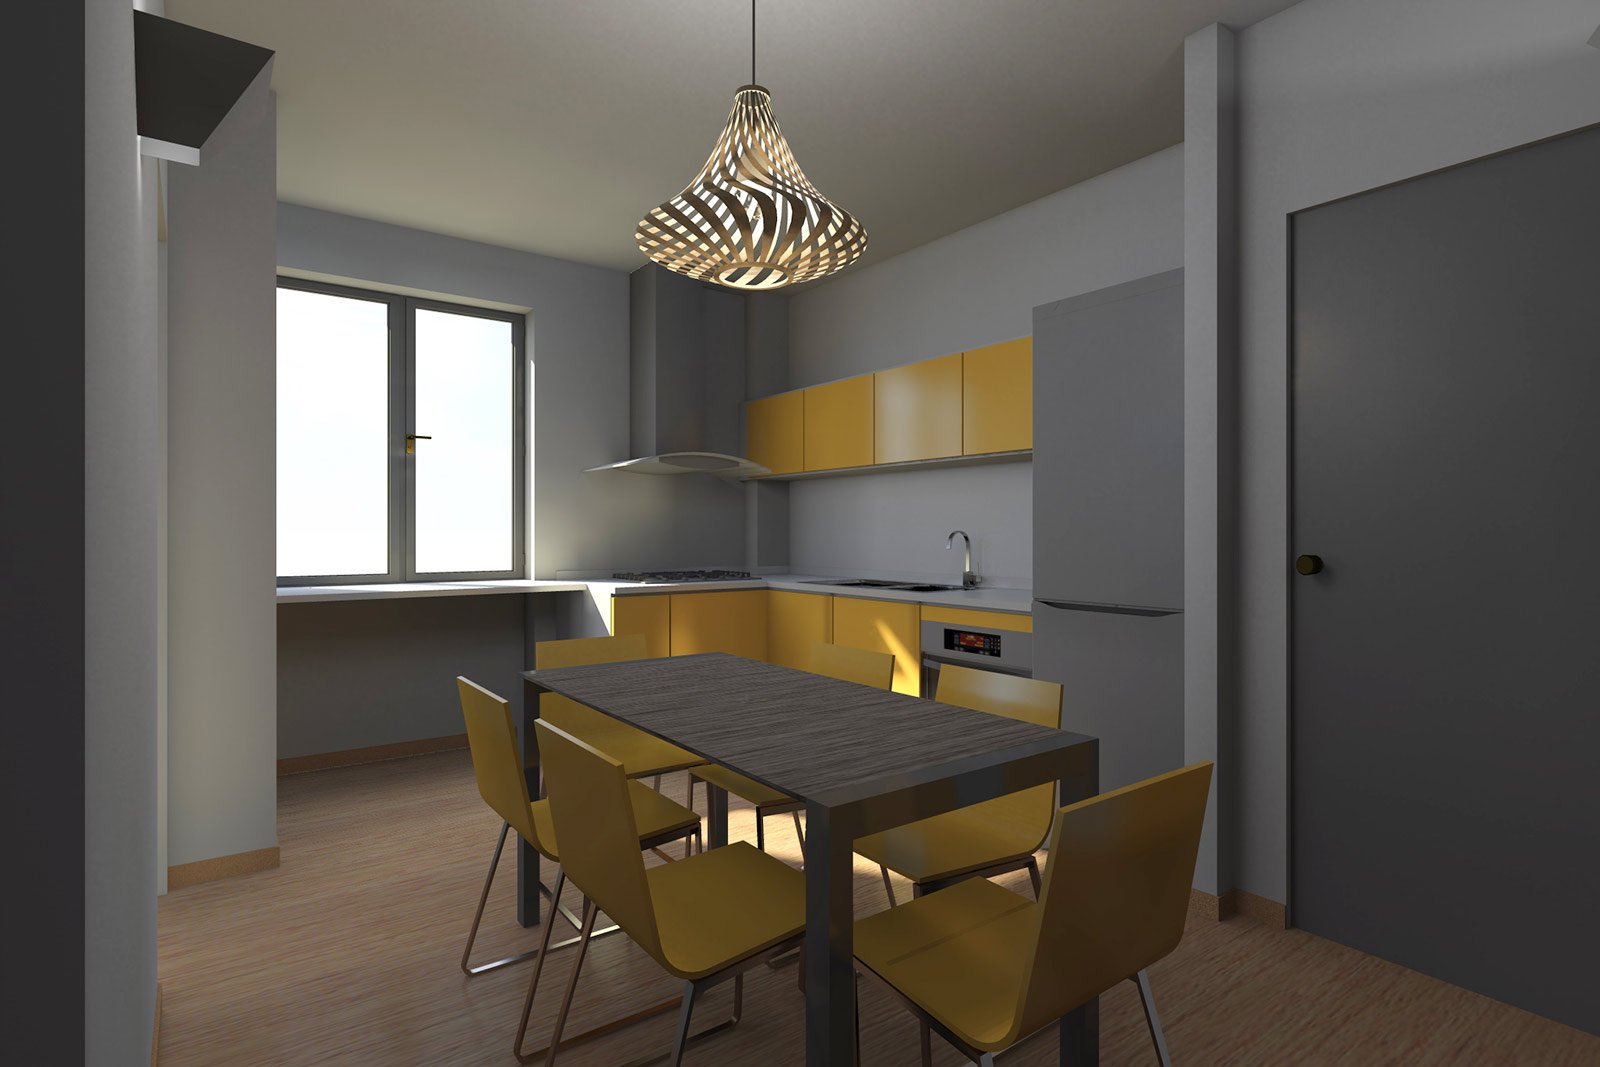 Zona giorno open space come separare le funzioni cose - Cucina a vista ...